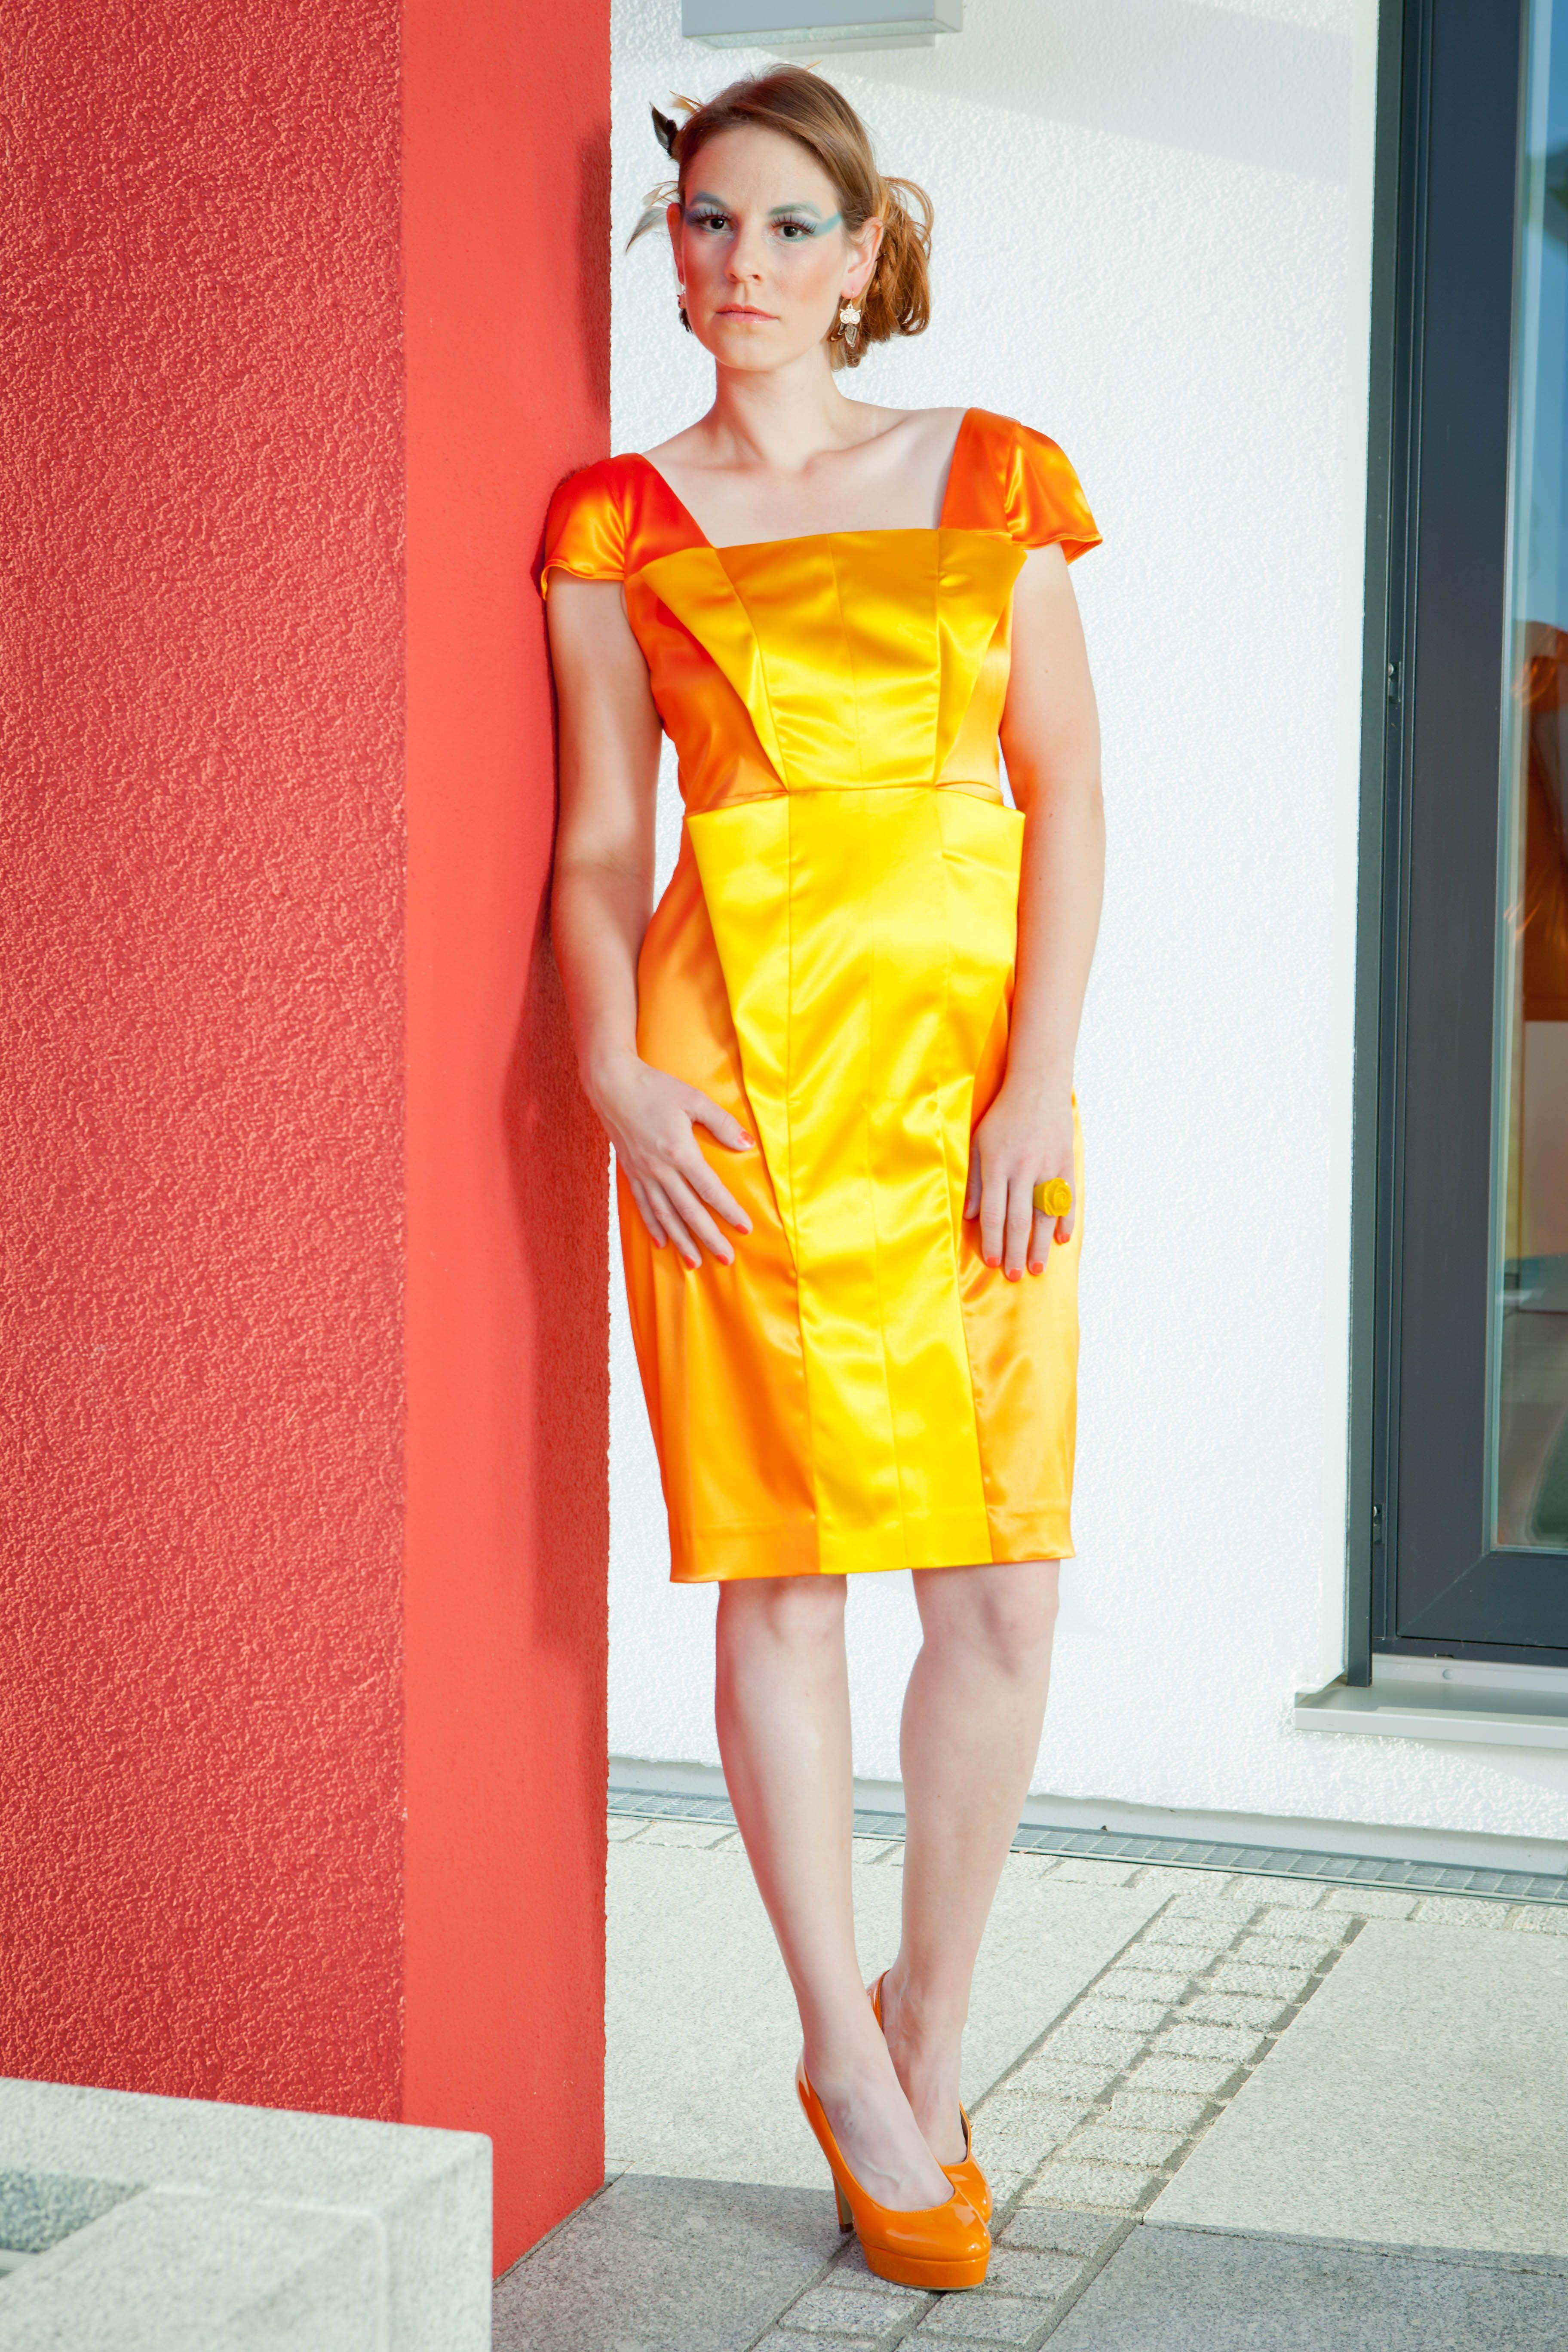 Simone Weghorn - Modedesign; Vogelfrei; Etuikleid, kurz, orange ...